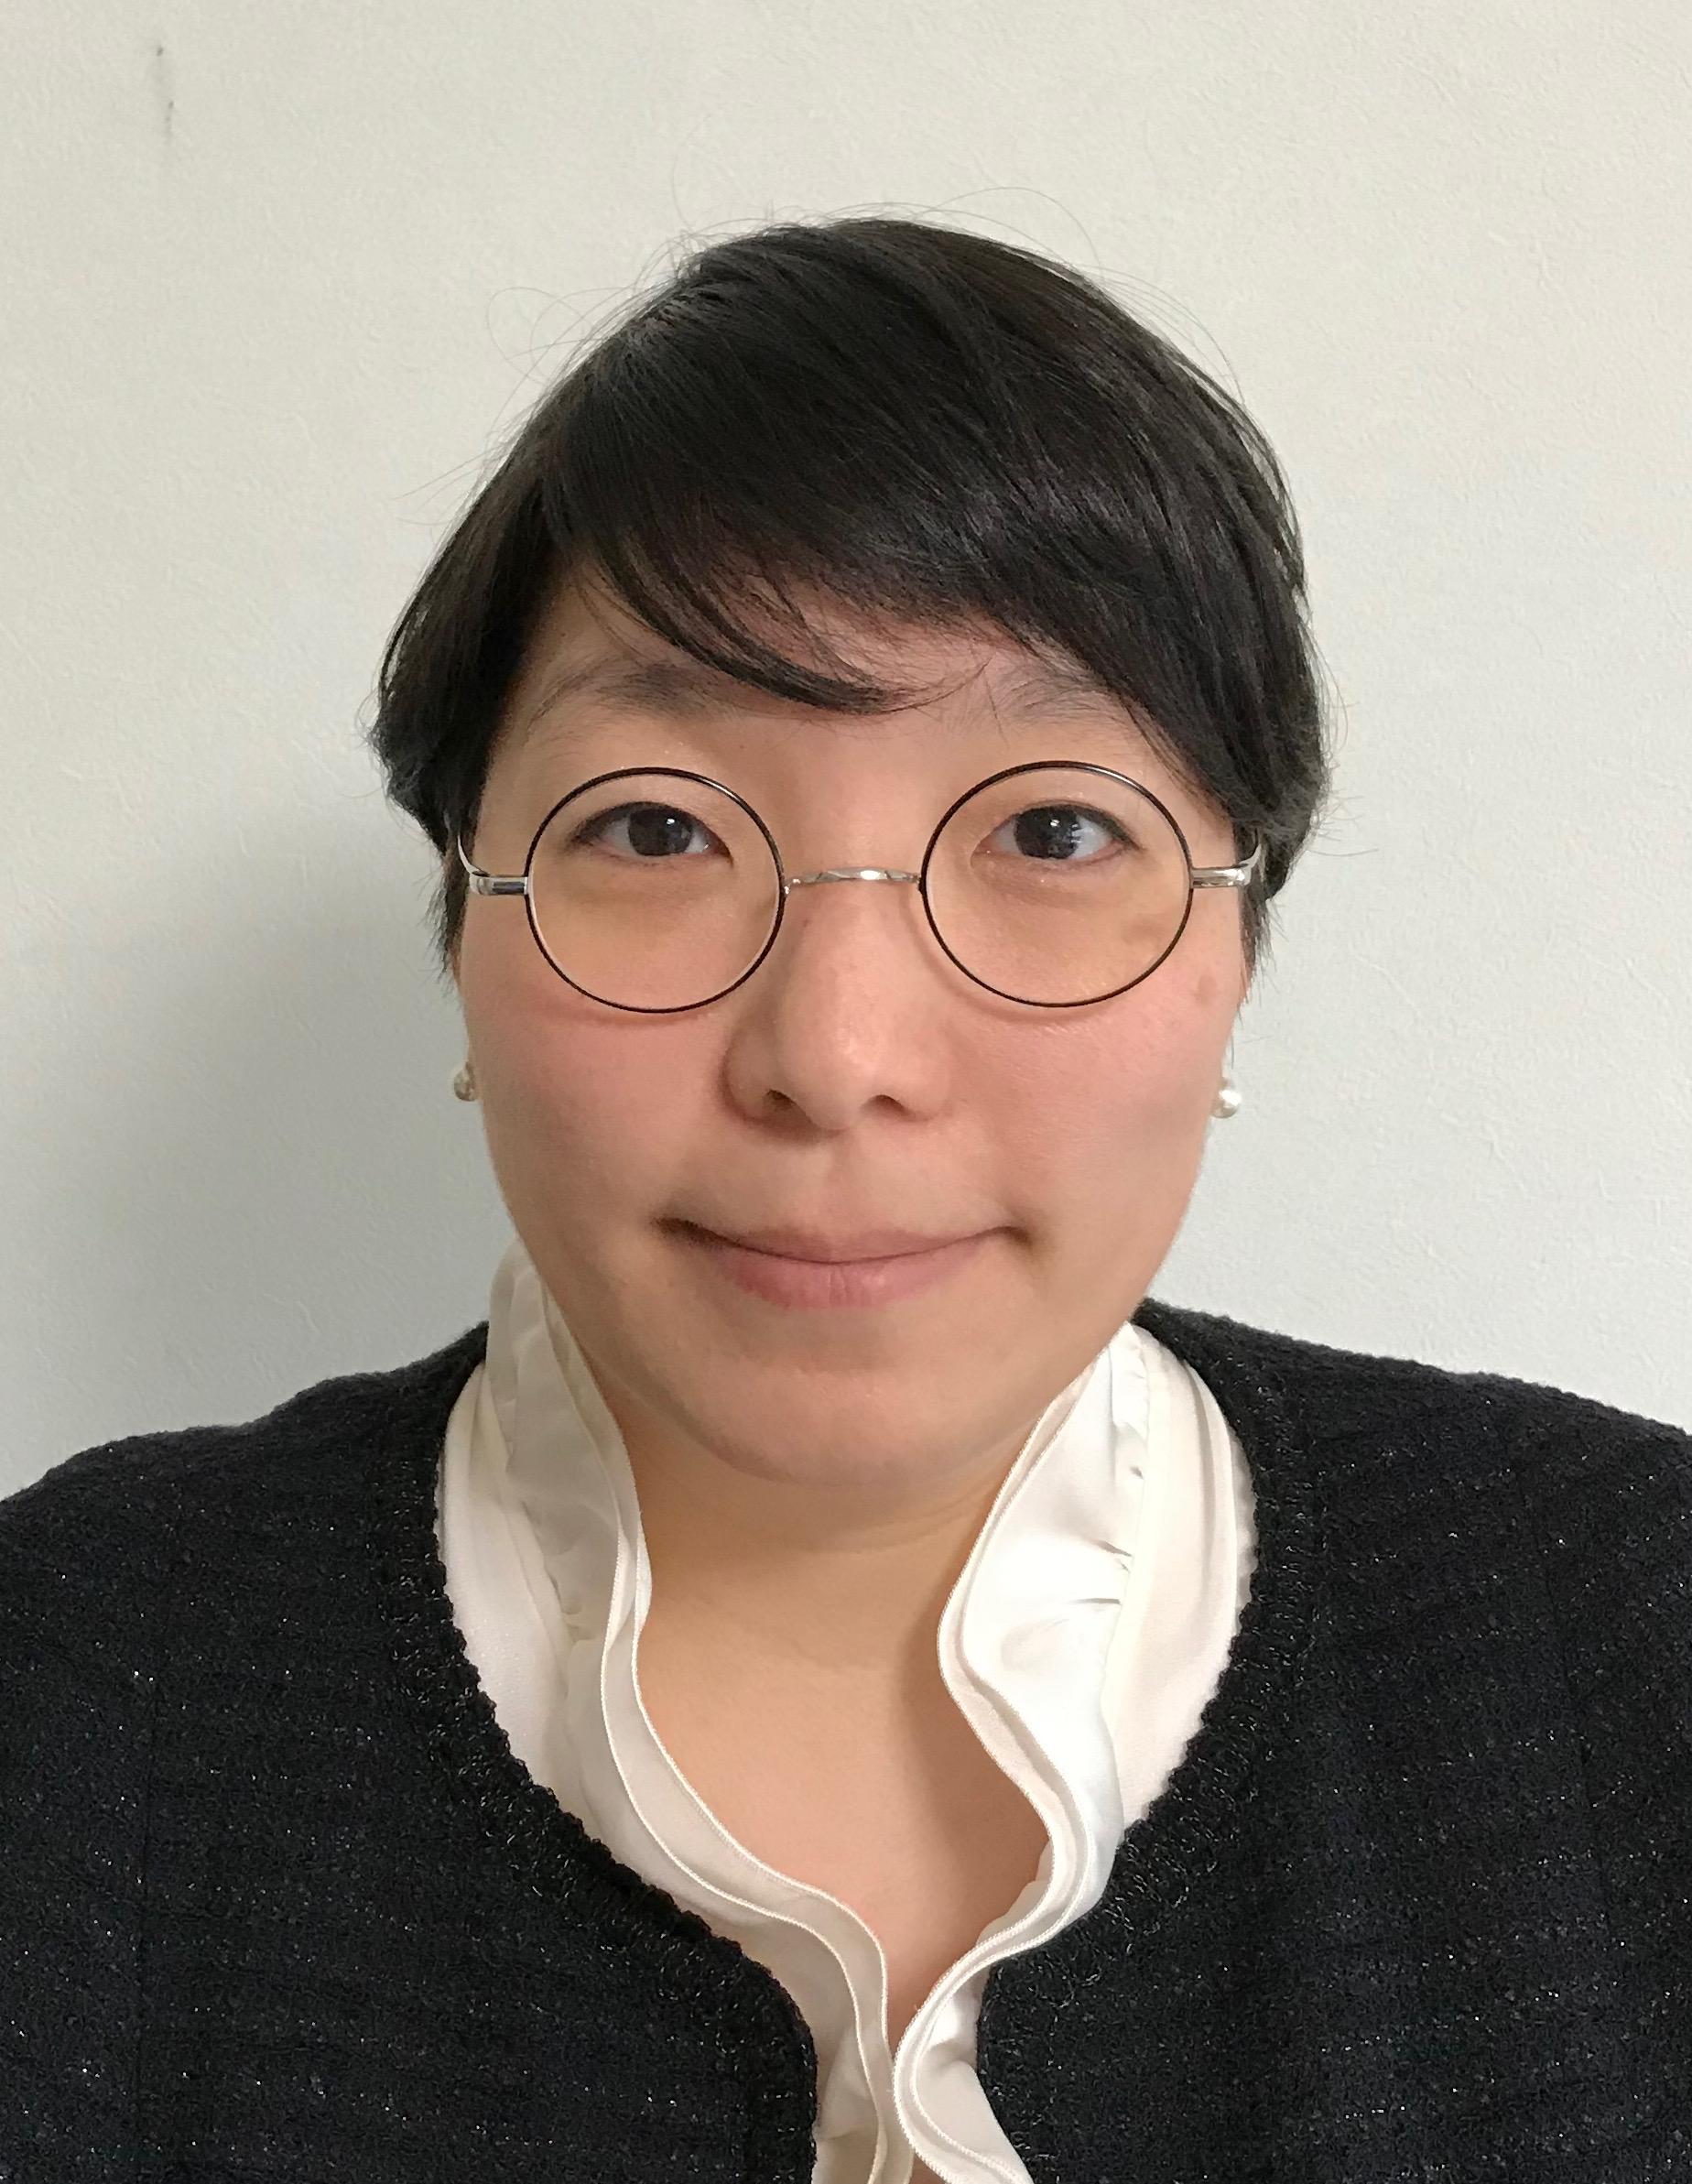 青山学院大学<br>社会情報学部准教授<br>南部 和香 [NAMBU, Kazuka]